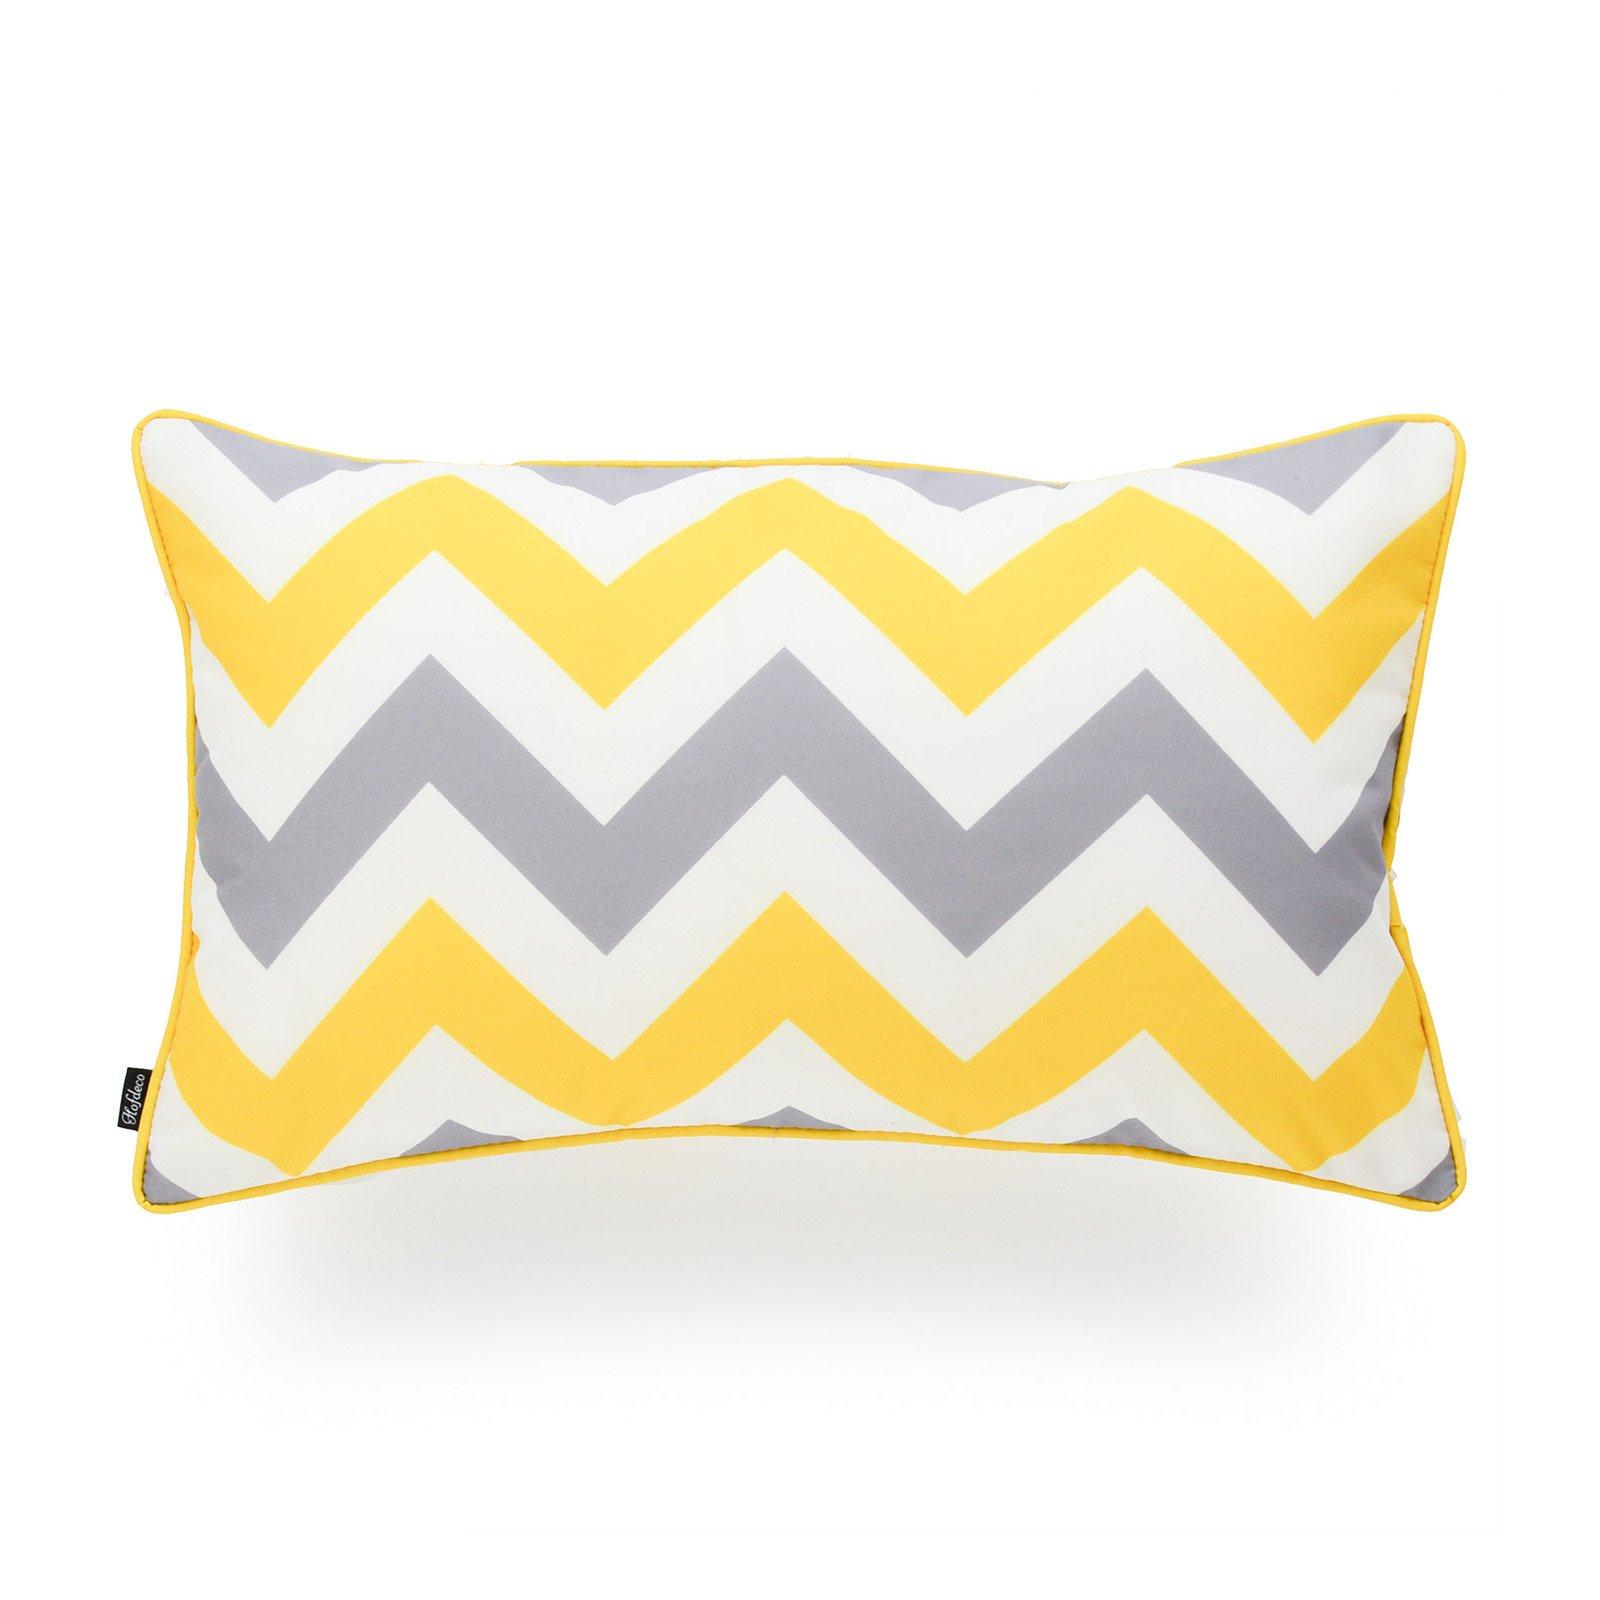 Hofdeco Decorative Lumbar Pillow Cover INDOOR OUTDOOR WATER RESISTANT Canvas Vivid Yellow Grey Zigzag Chevron 12''x20''